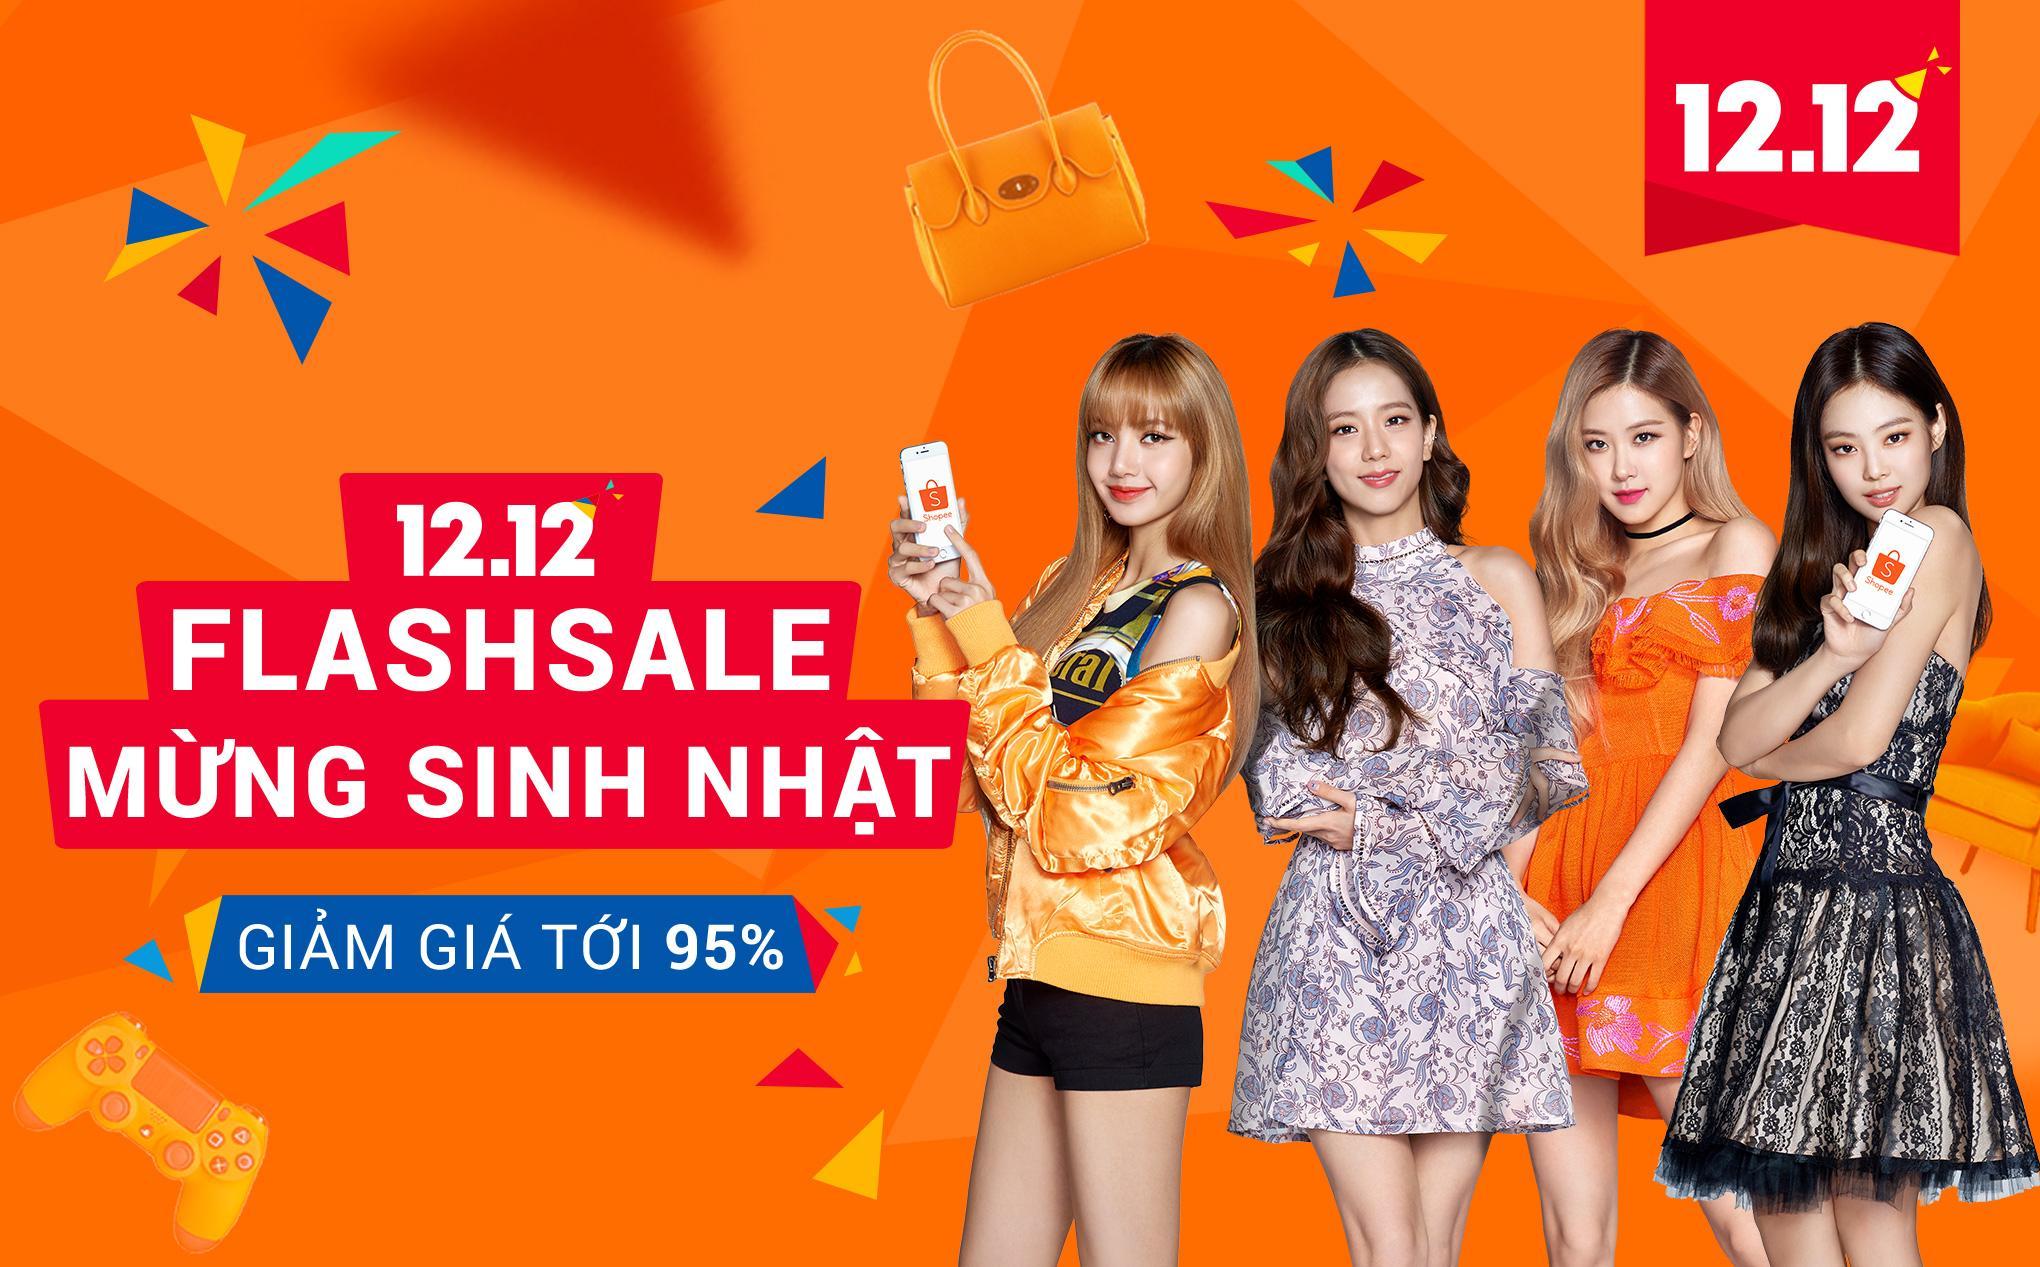 Hốt ngay deal đồng giá 12K trước giờ G Sale sinh nhật Shopee - Ảnh 1.